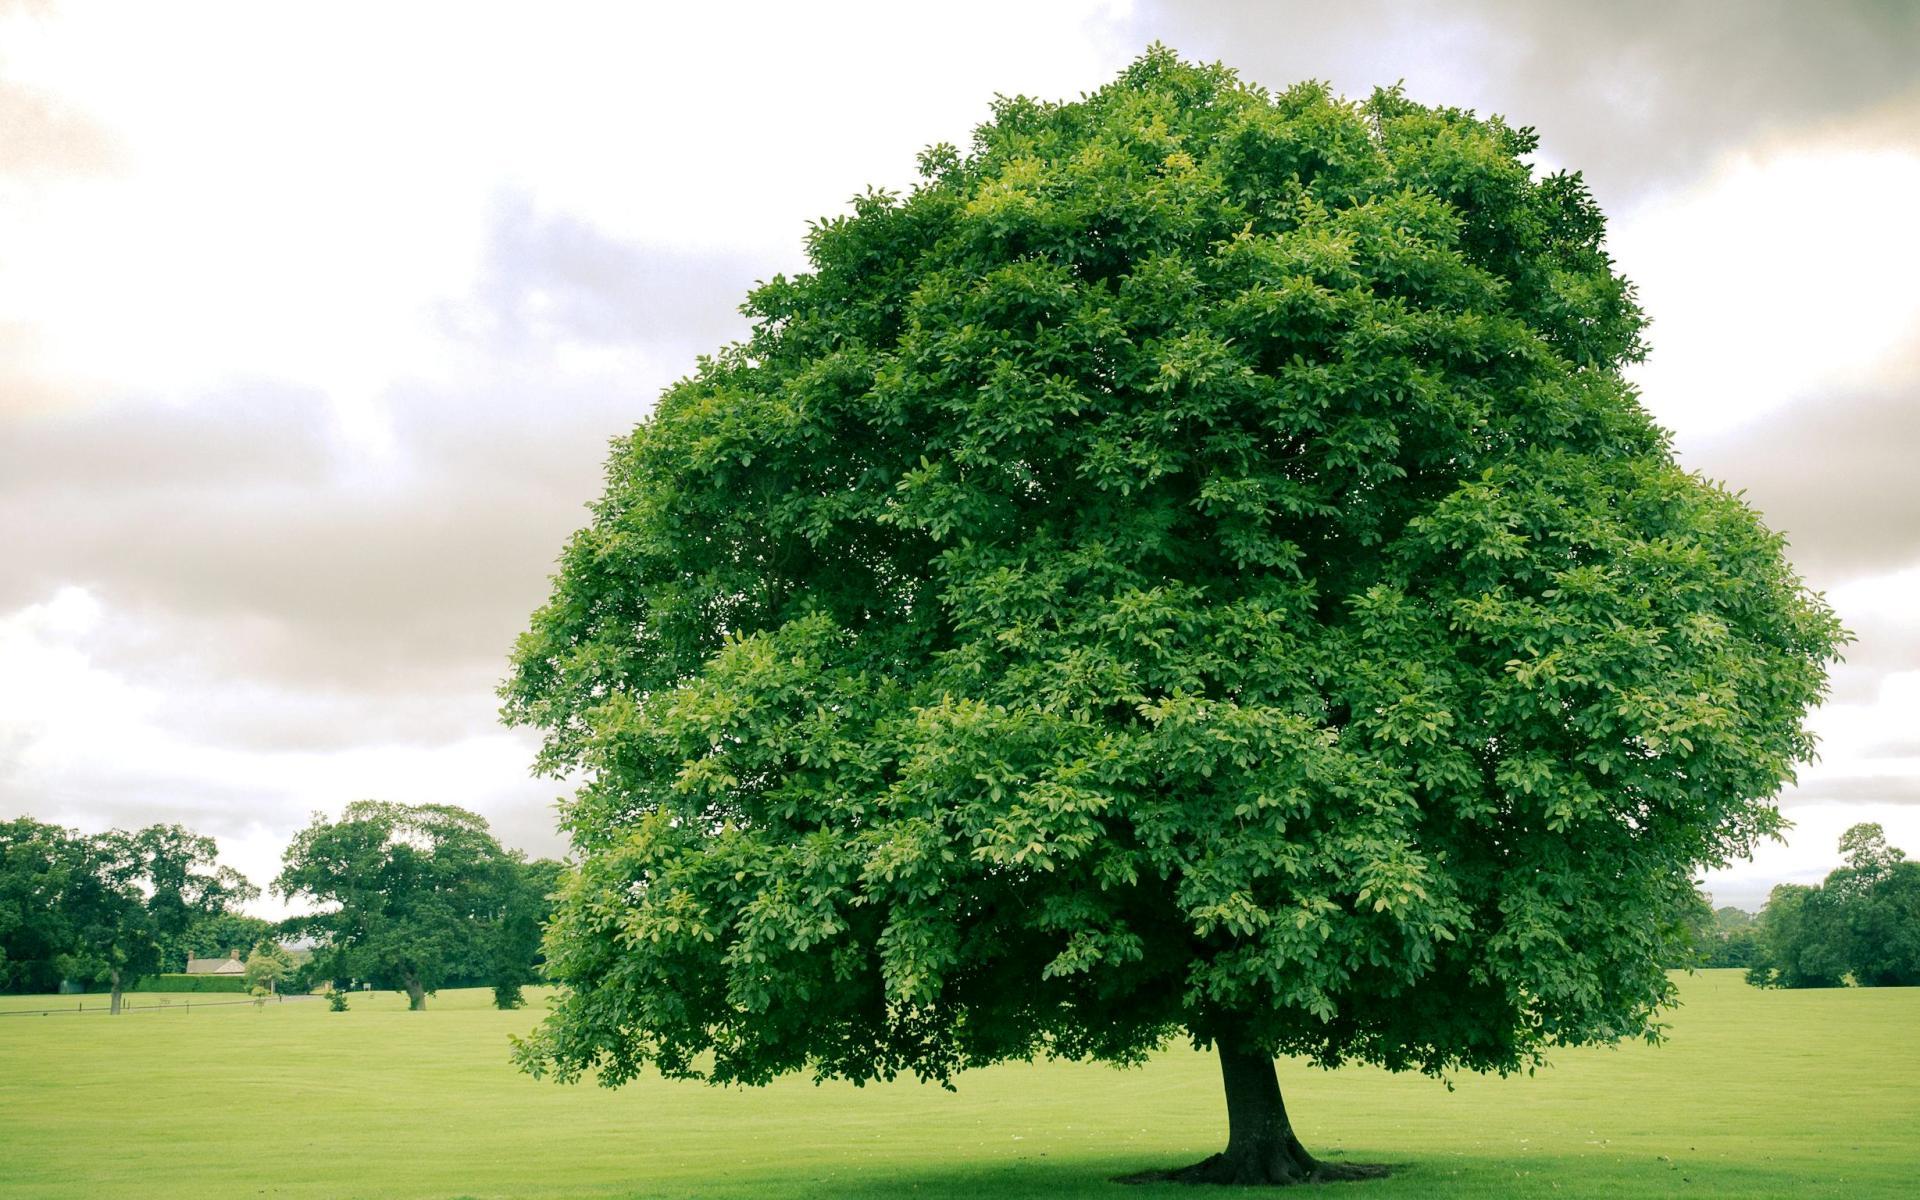 Картинка Дерево с зеленой кроной » Деревья » Природа ...